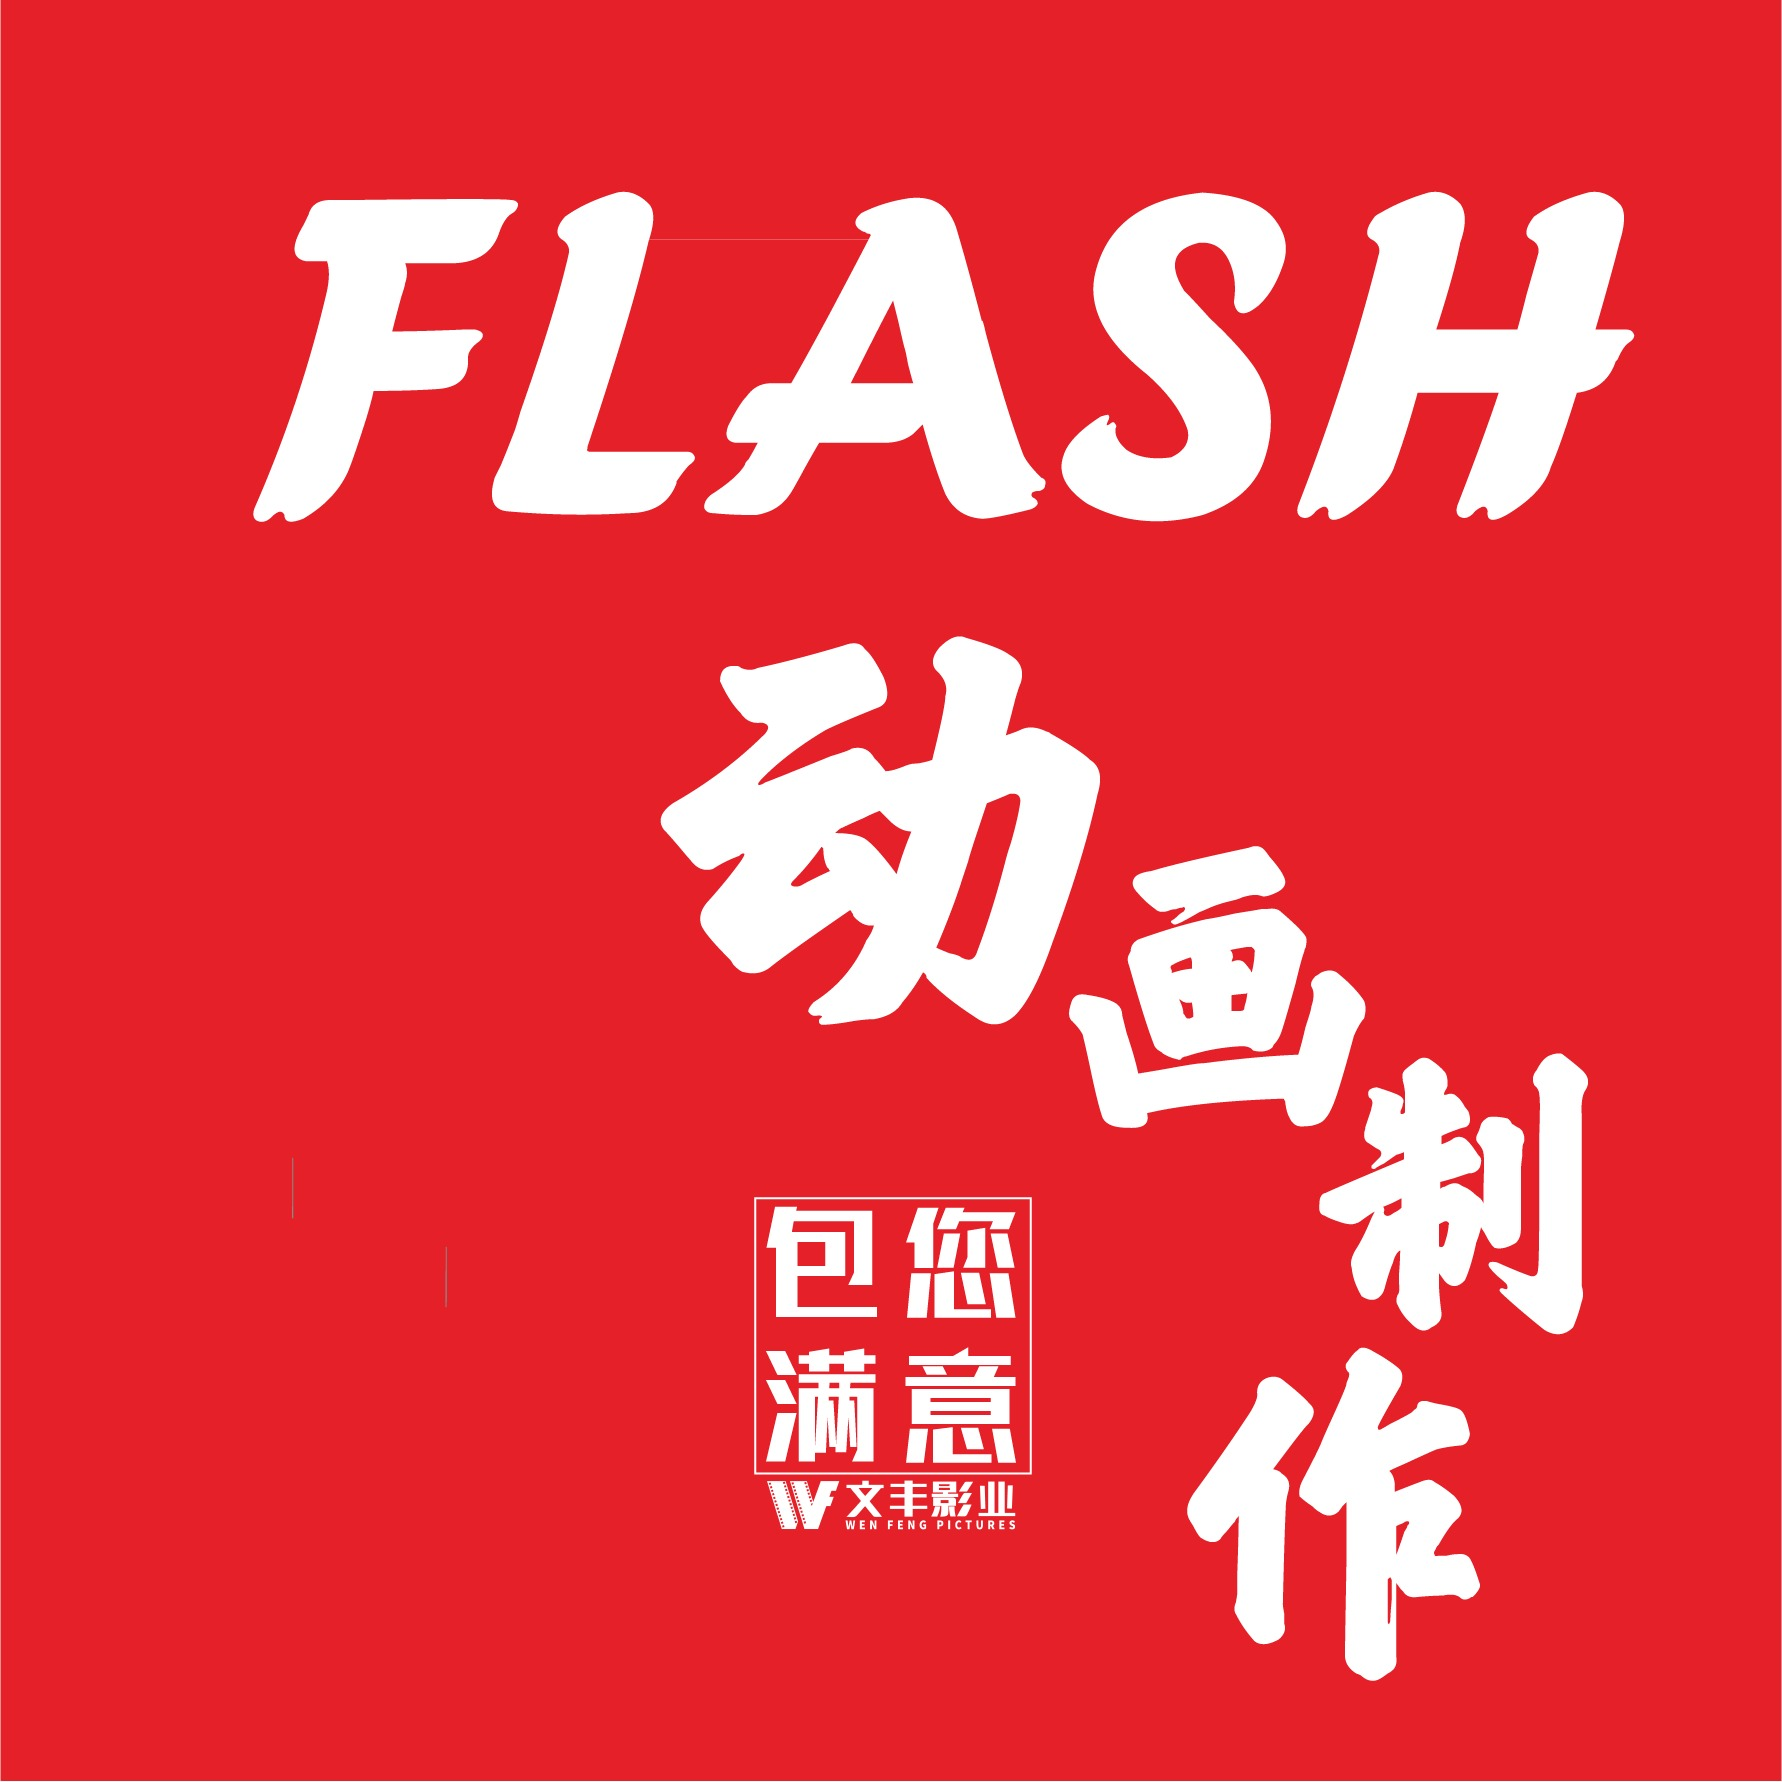 【flash动画制作】公益短片动画/医疗动画/教育动画/